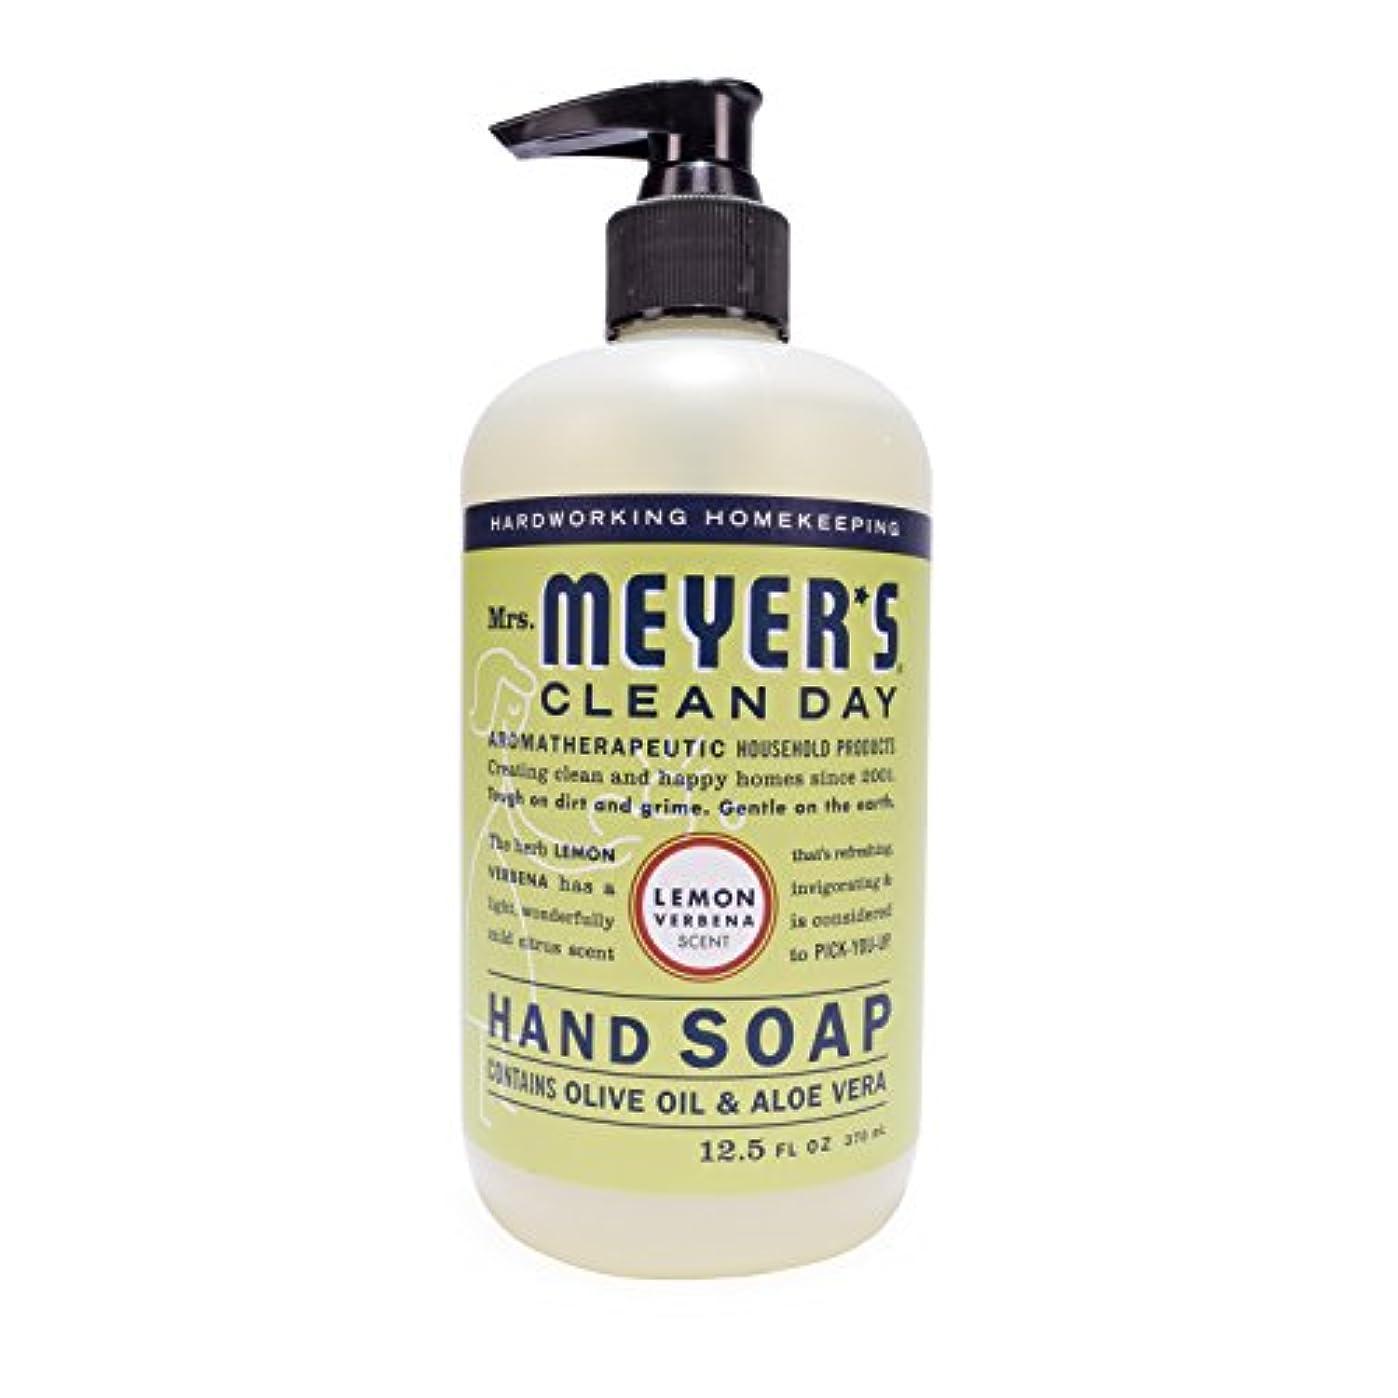 ギャンブル中古共役Mrs. Meyer's Hand Soap Lemon Verbena, 12.5 Fluid Ounce (Pack of 3) by Mrs. Meyer's Clean Day